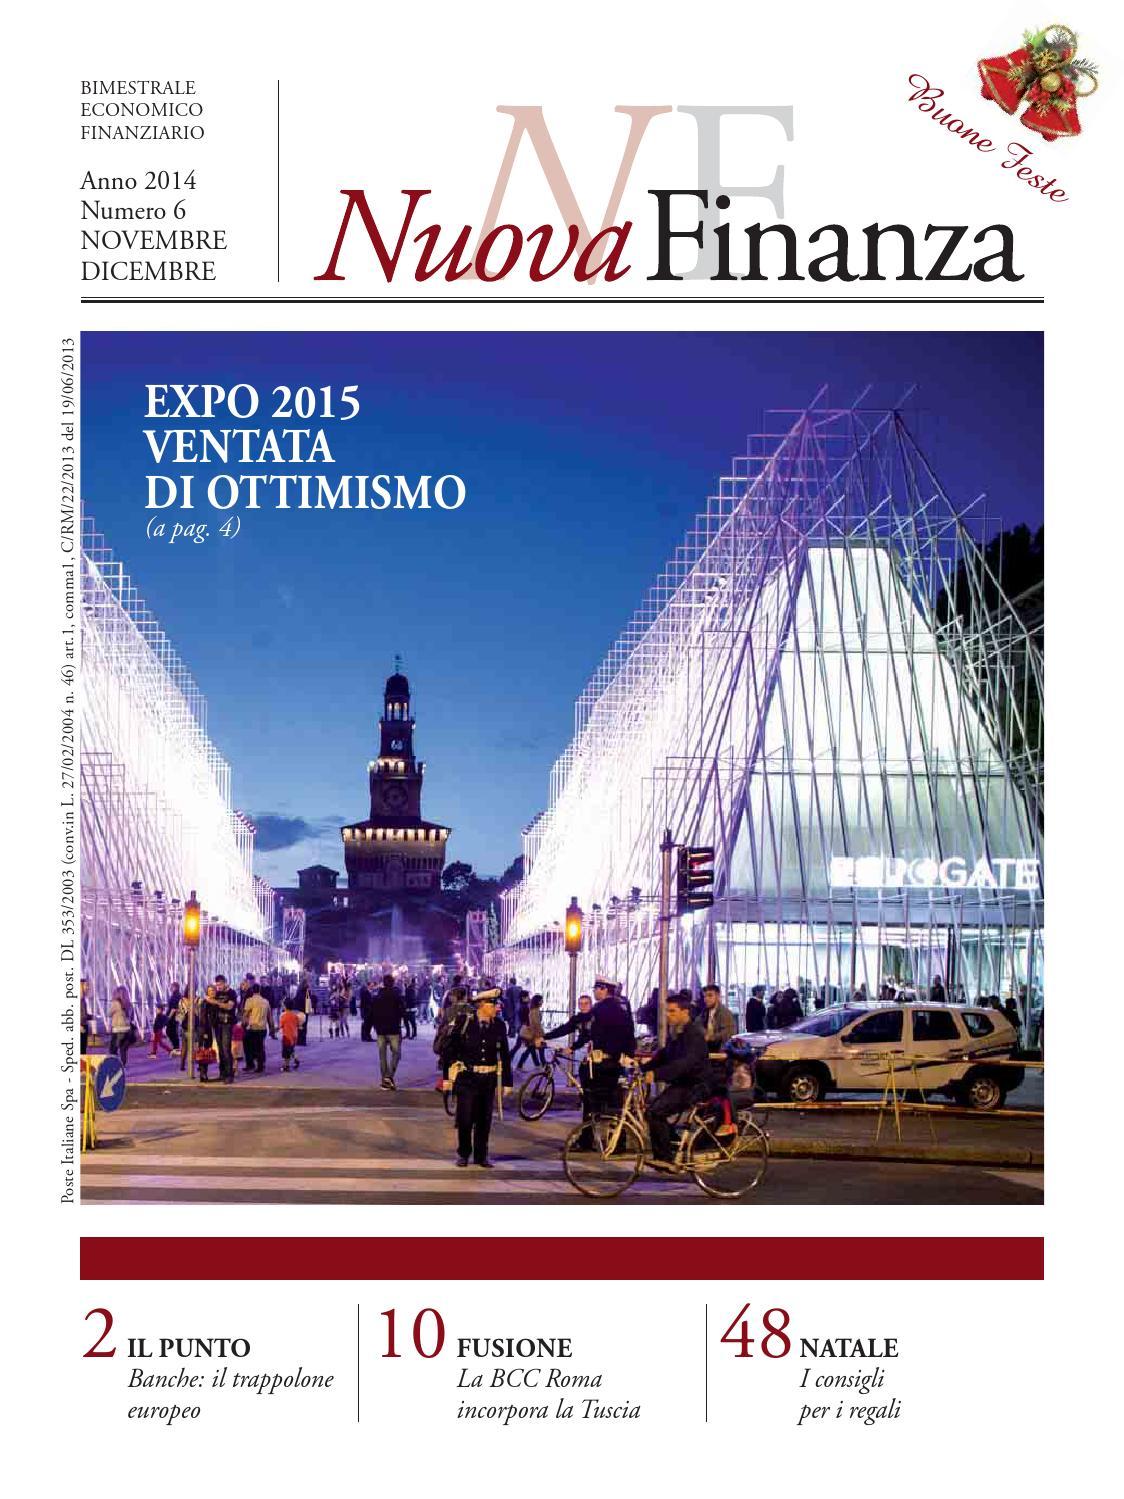 Bcc Montepulciano Nuova Sede nuova finanza 6/2014 by nuova finanza - issuu